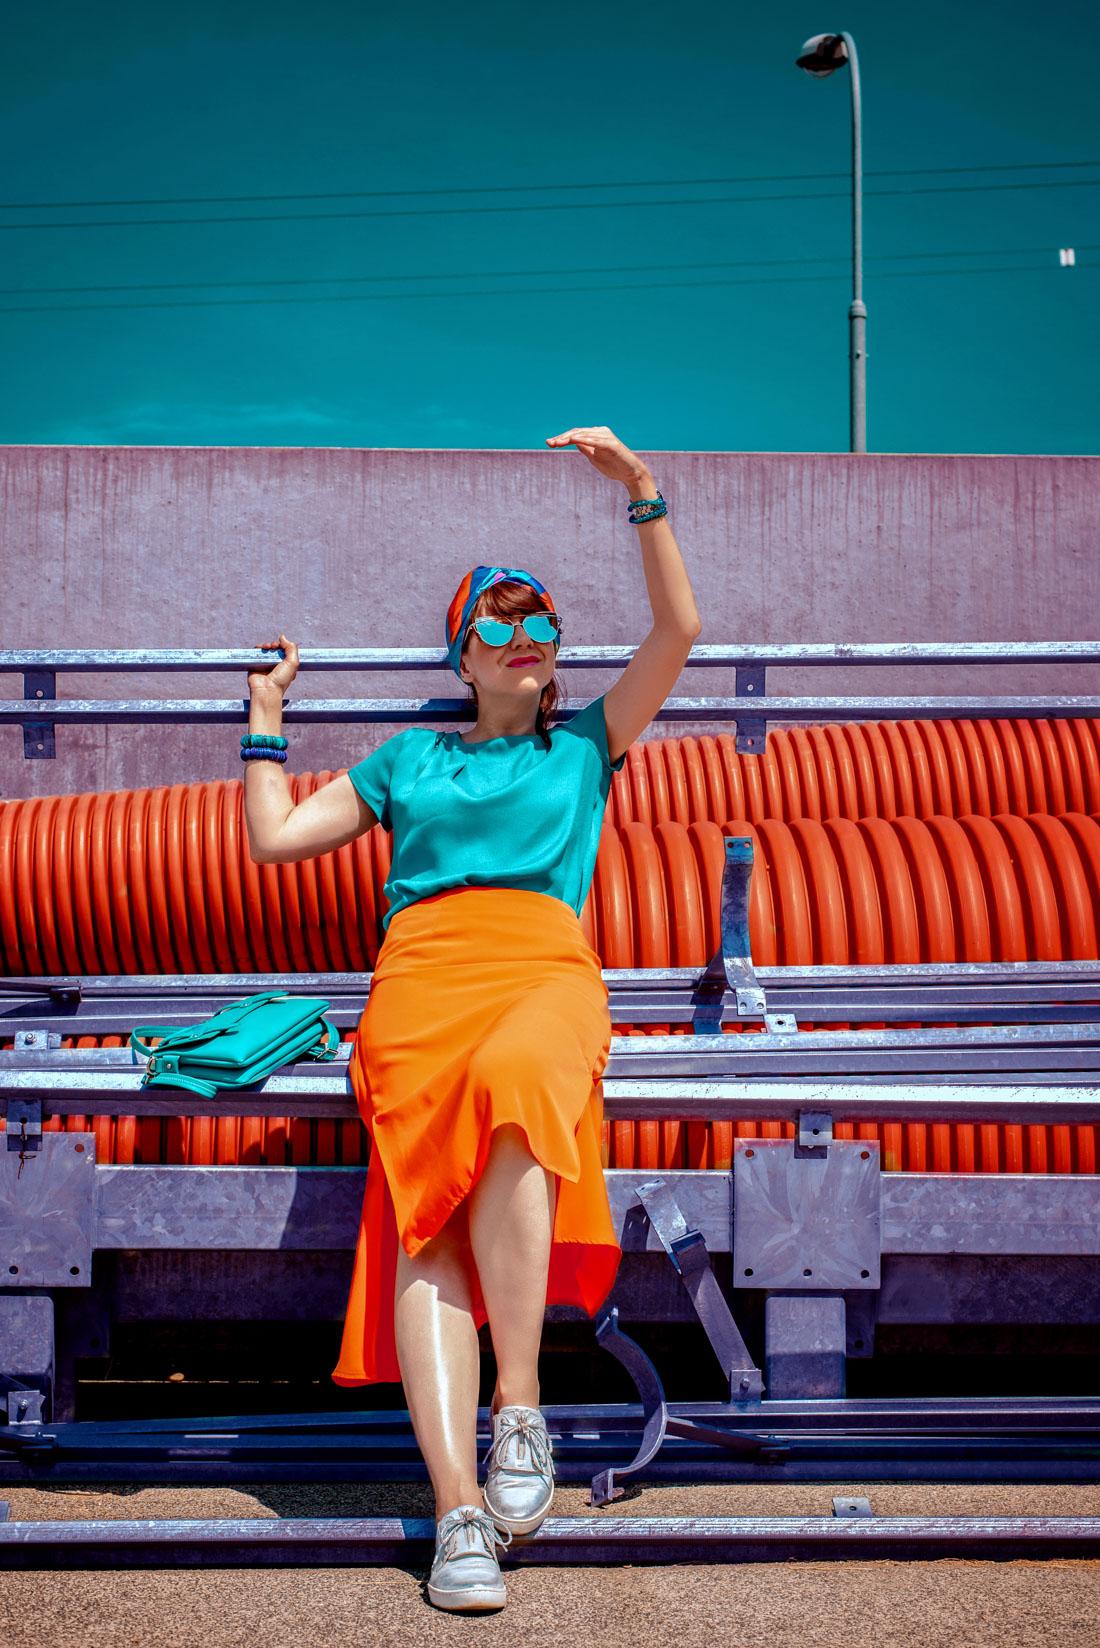 1 TOP DOPLNOK, KTORÝ VÁS DOSTANE_Katharine-fashion is beautiful_blog 9_Látková čelenka_Oranžová sukňa_Katarína Jakubčová_Fashion blogerka